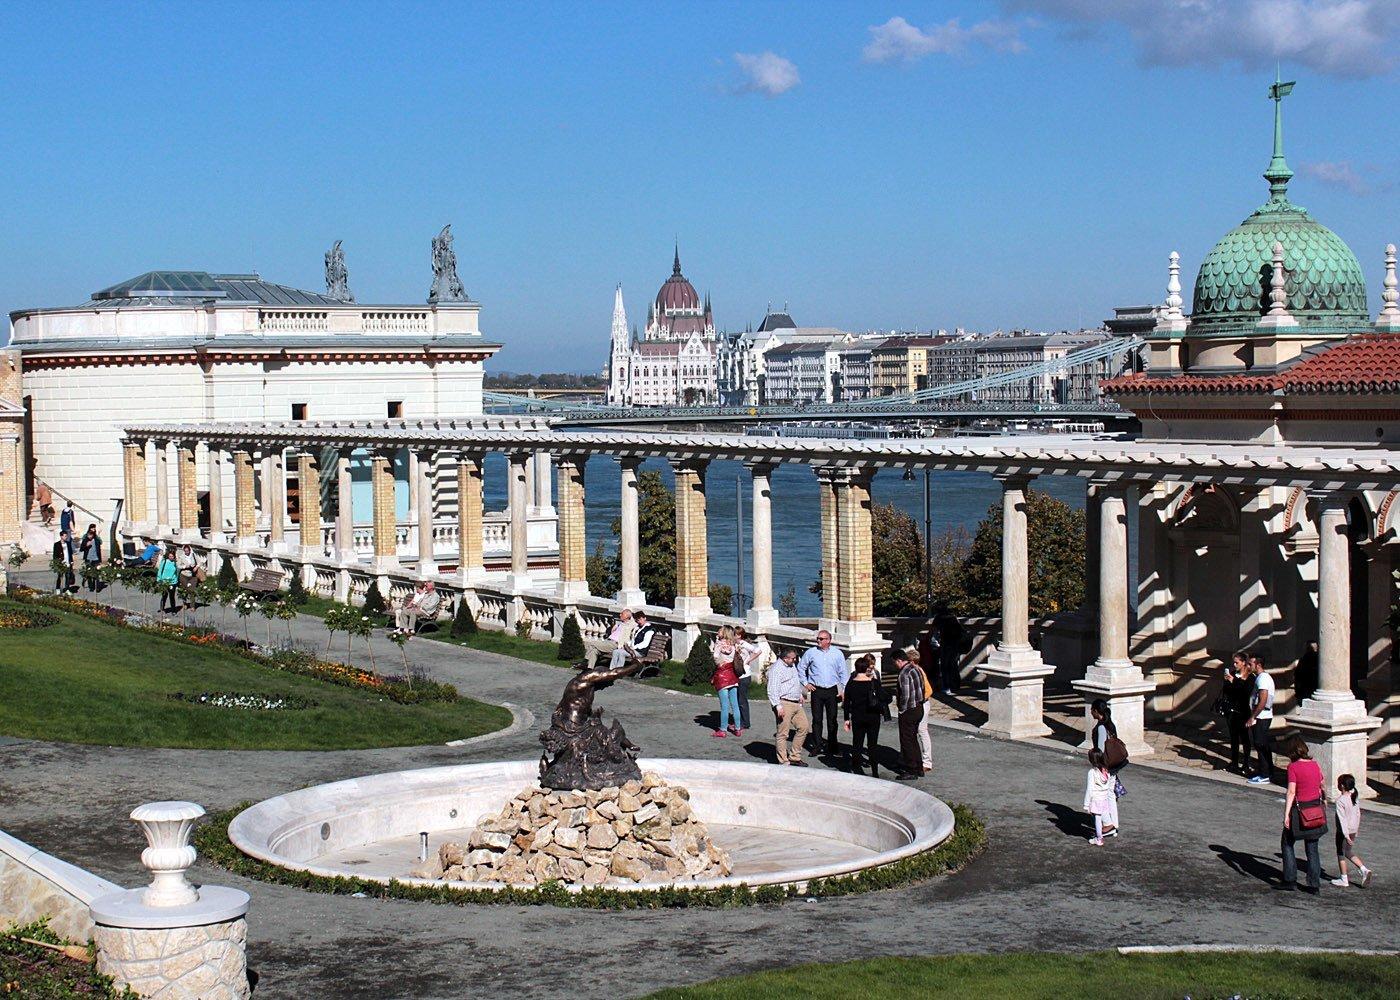 varkert bazar, Budapest - Daily News Hungary Kató Alpár